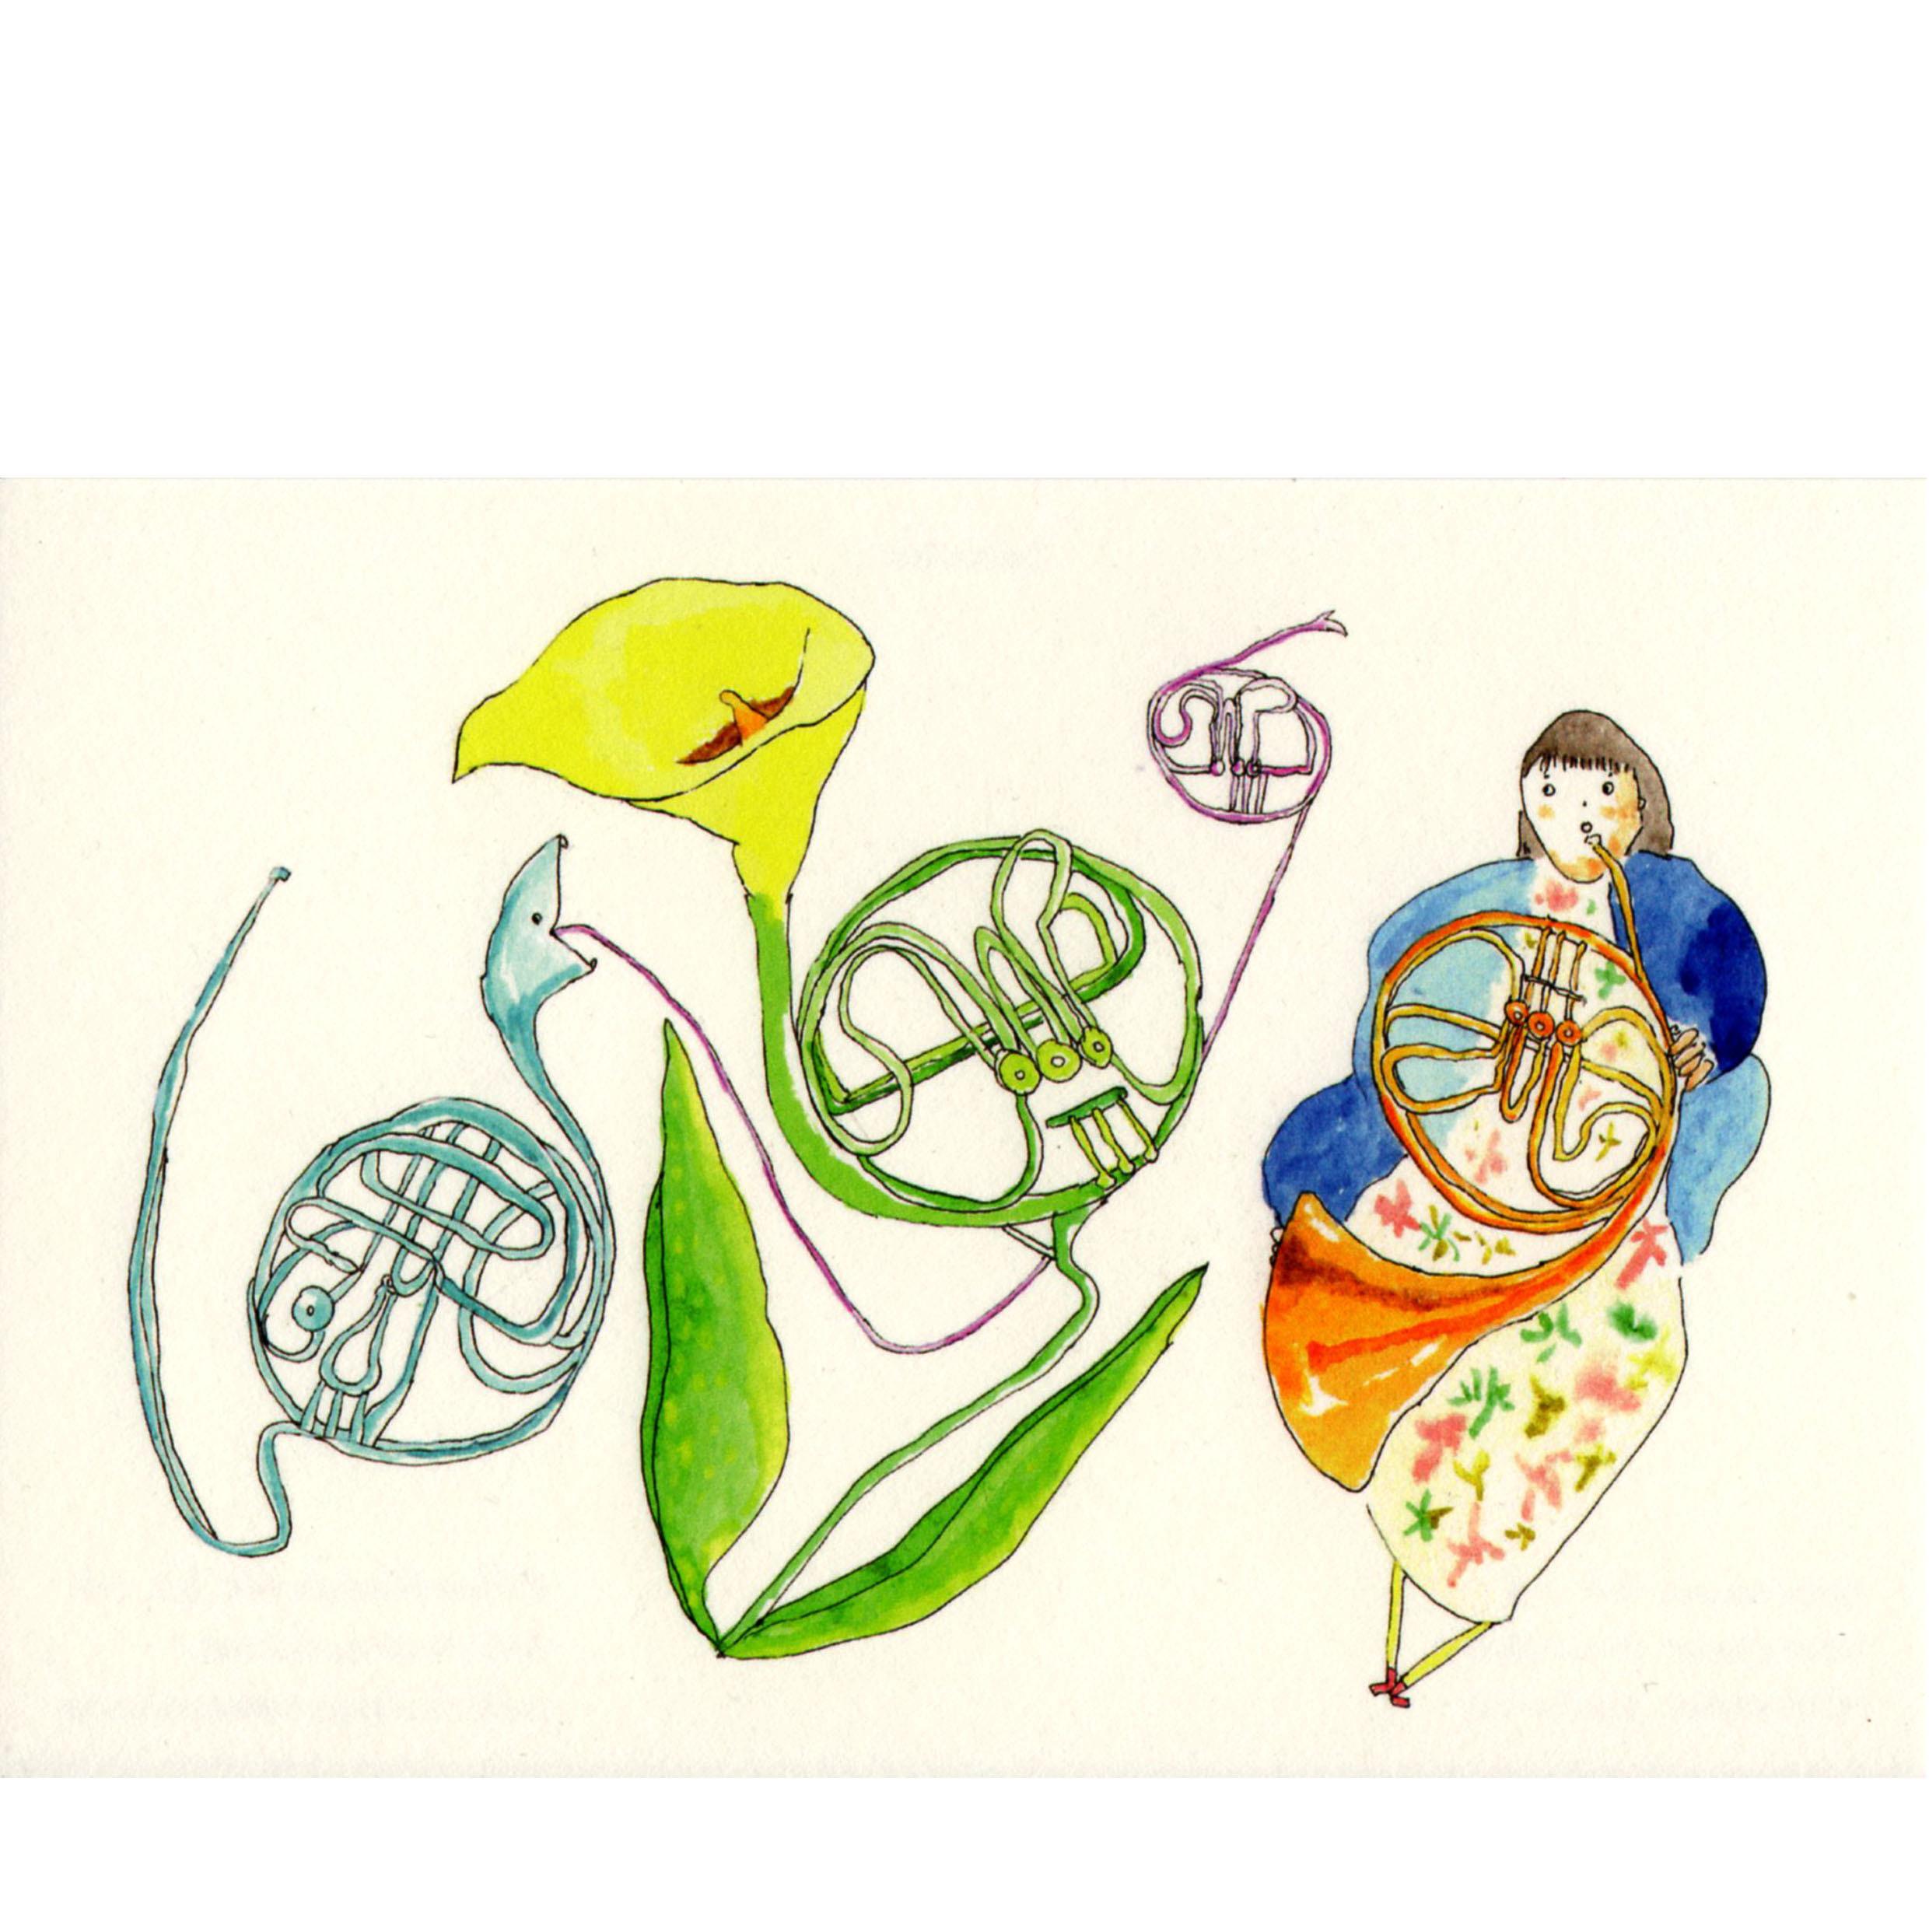 ホルン花 ホルン奏者と ホルンヘビ Horn flower Horn player Horn snake